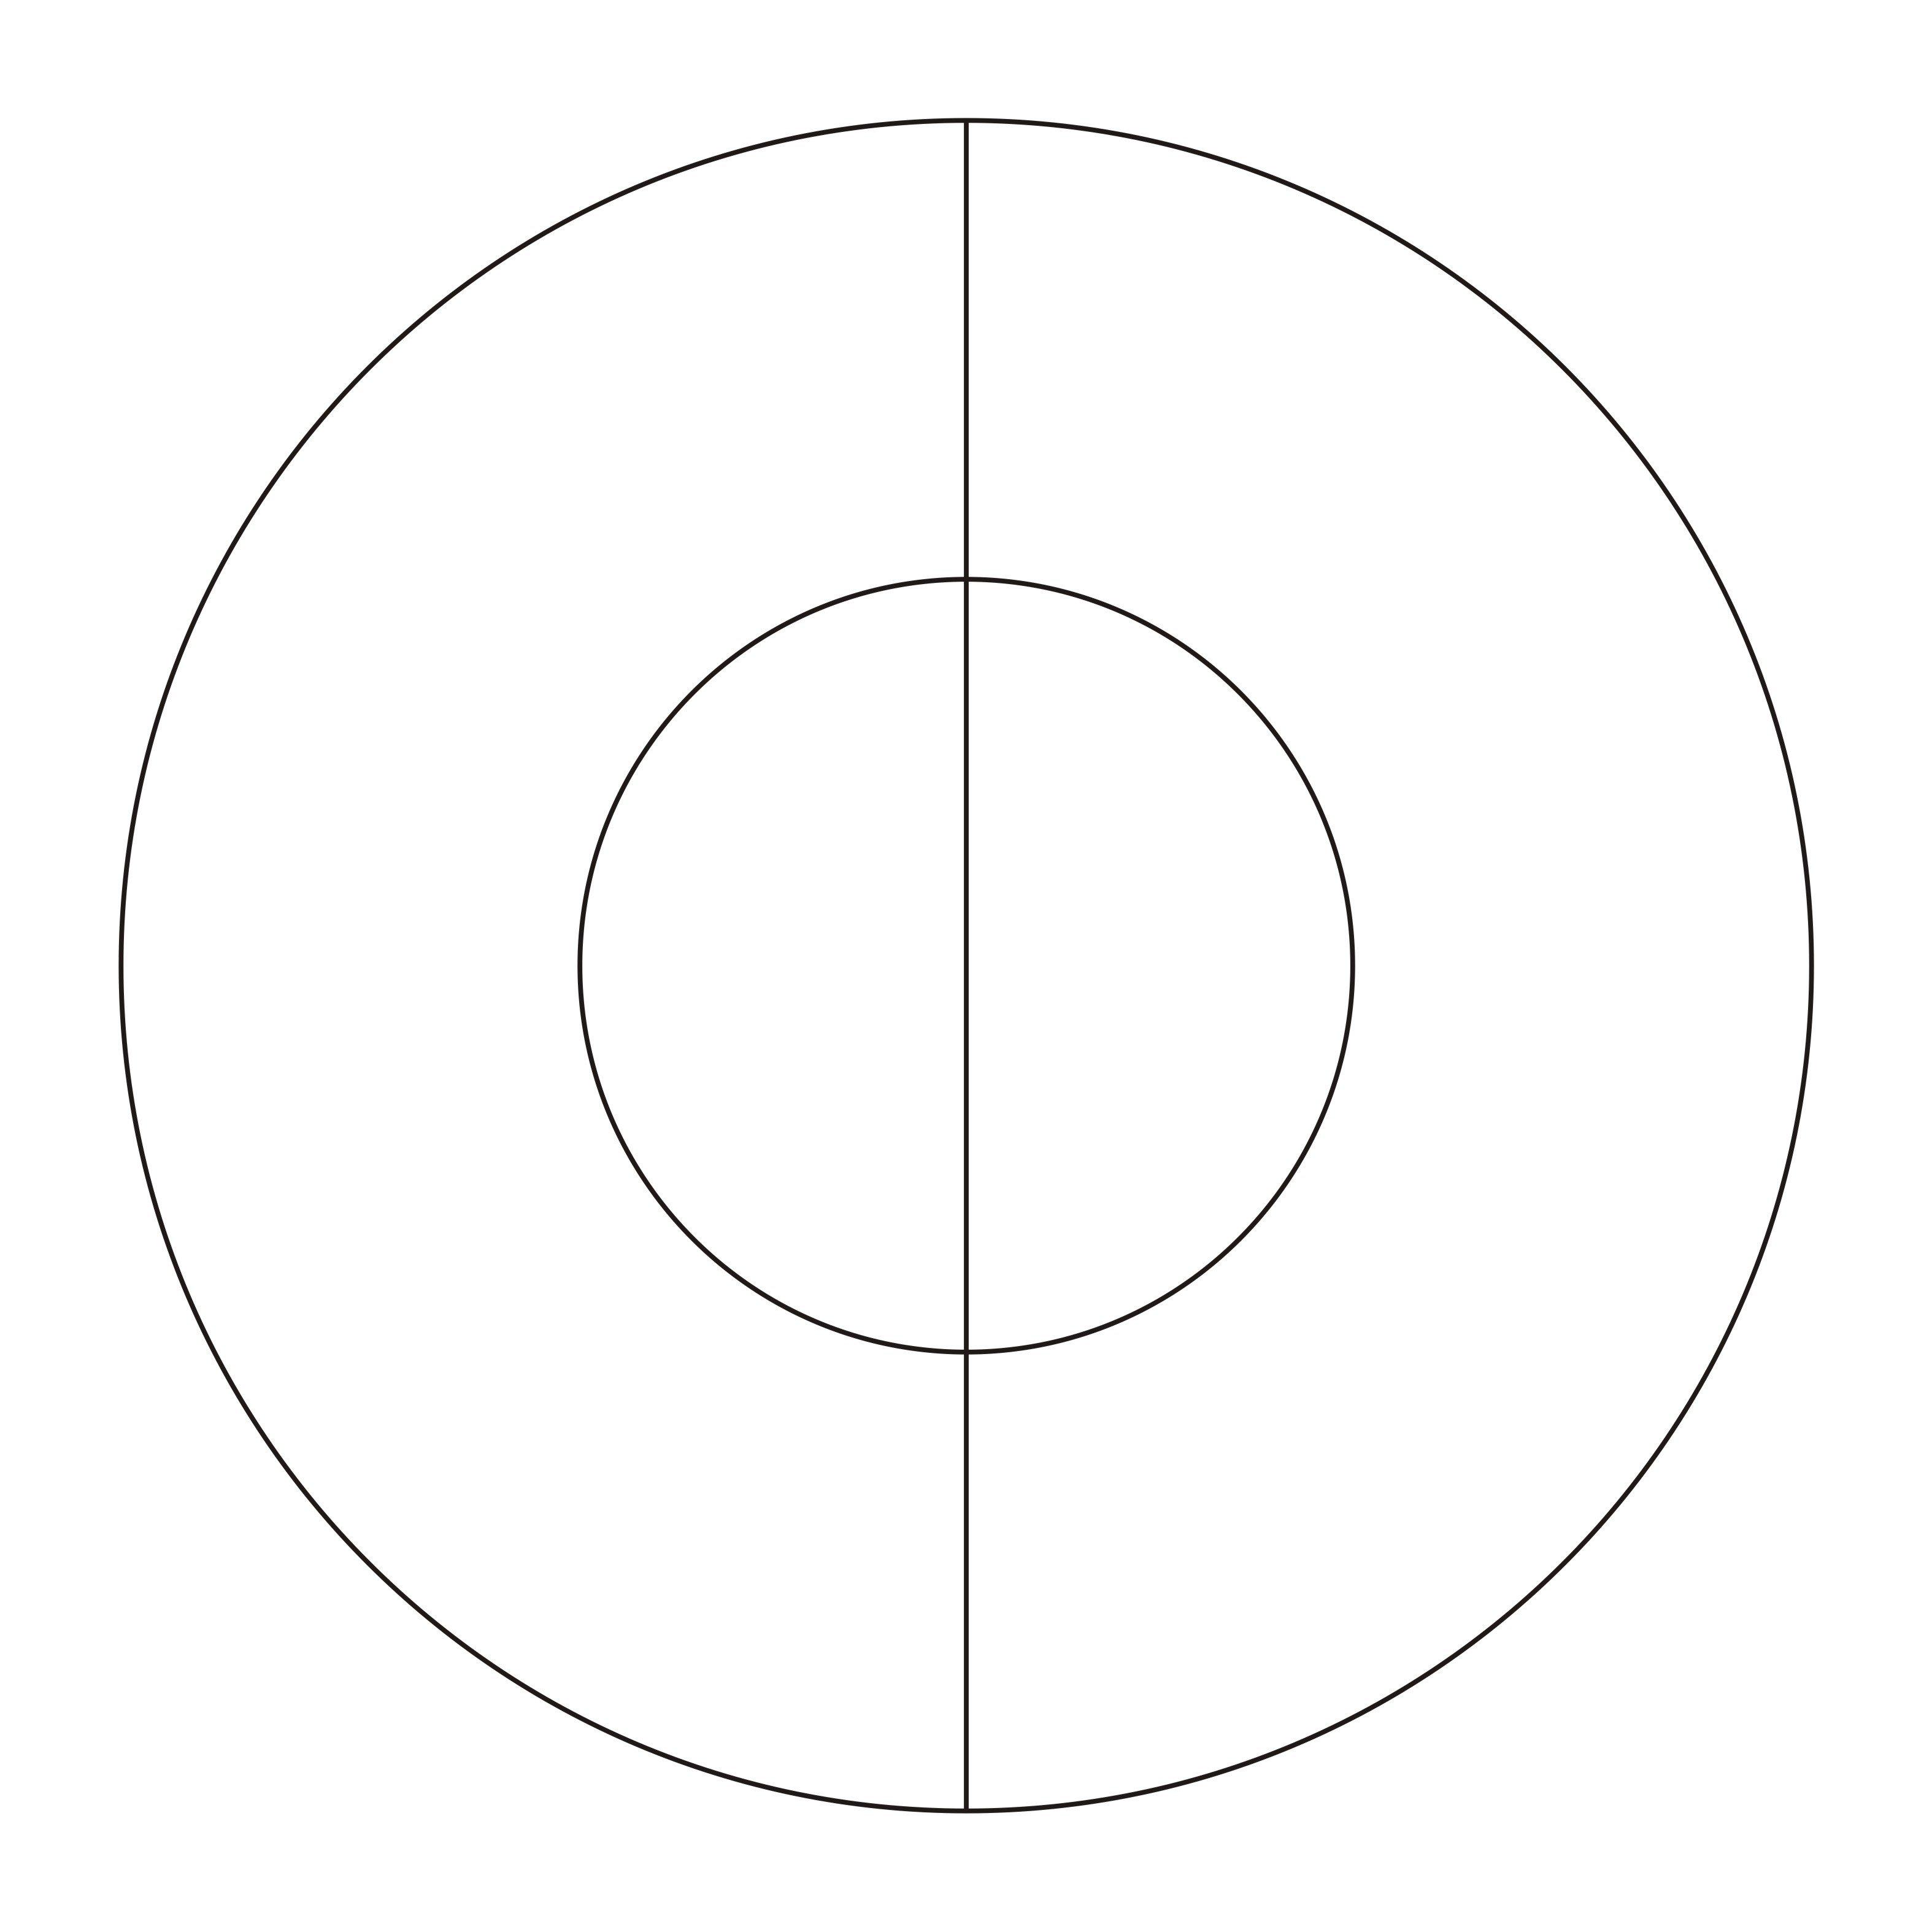 客製化 訂製品  圓形壓克力 2mm白色壓克力板 雷射切割